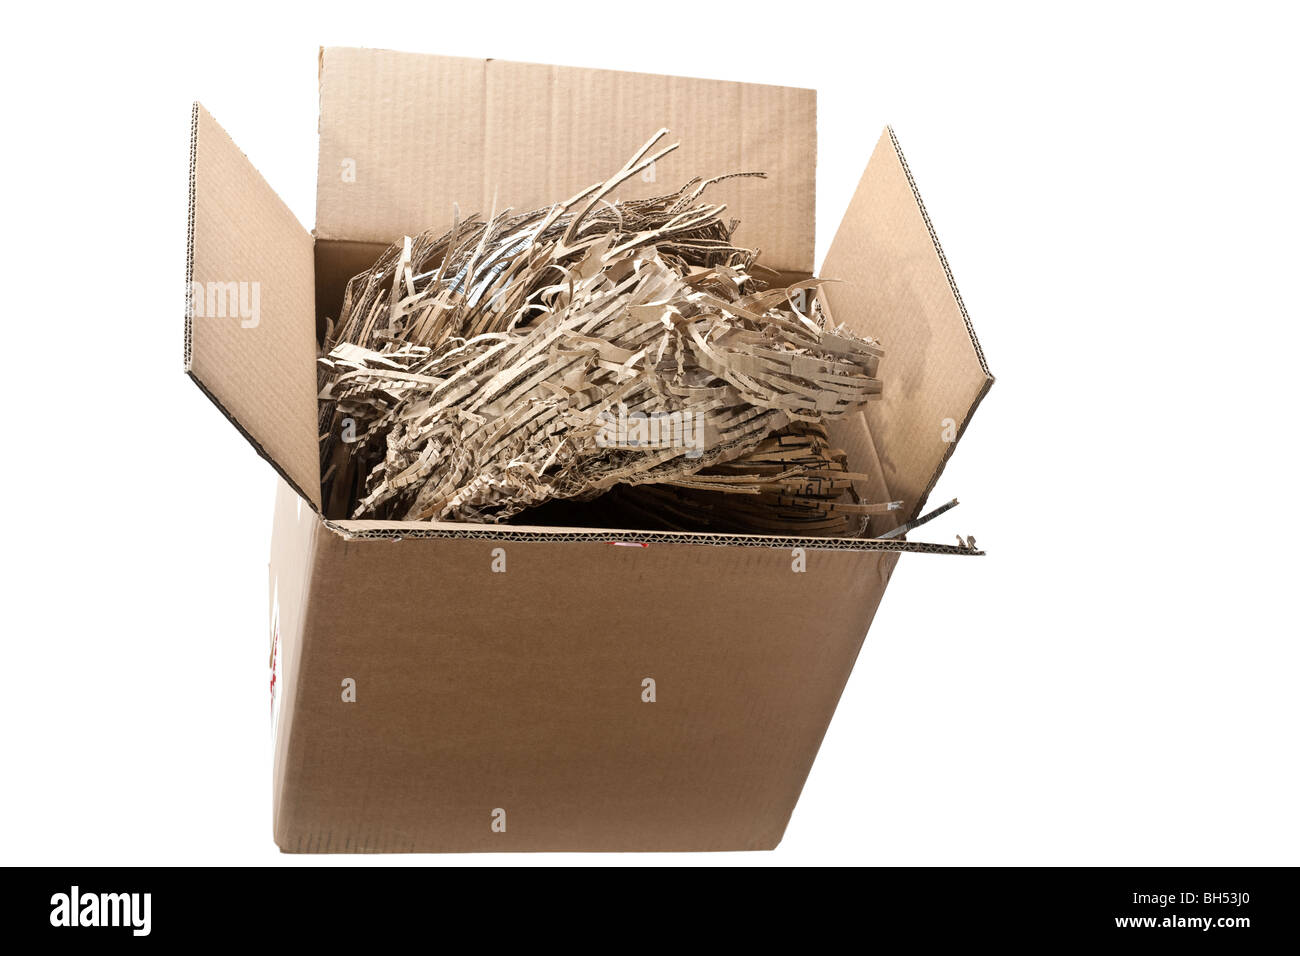 Boîte en carton plein de matériel d'emballage recyclé carton déchiqueté Photo Stock